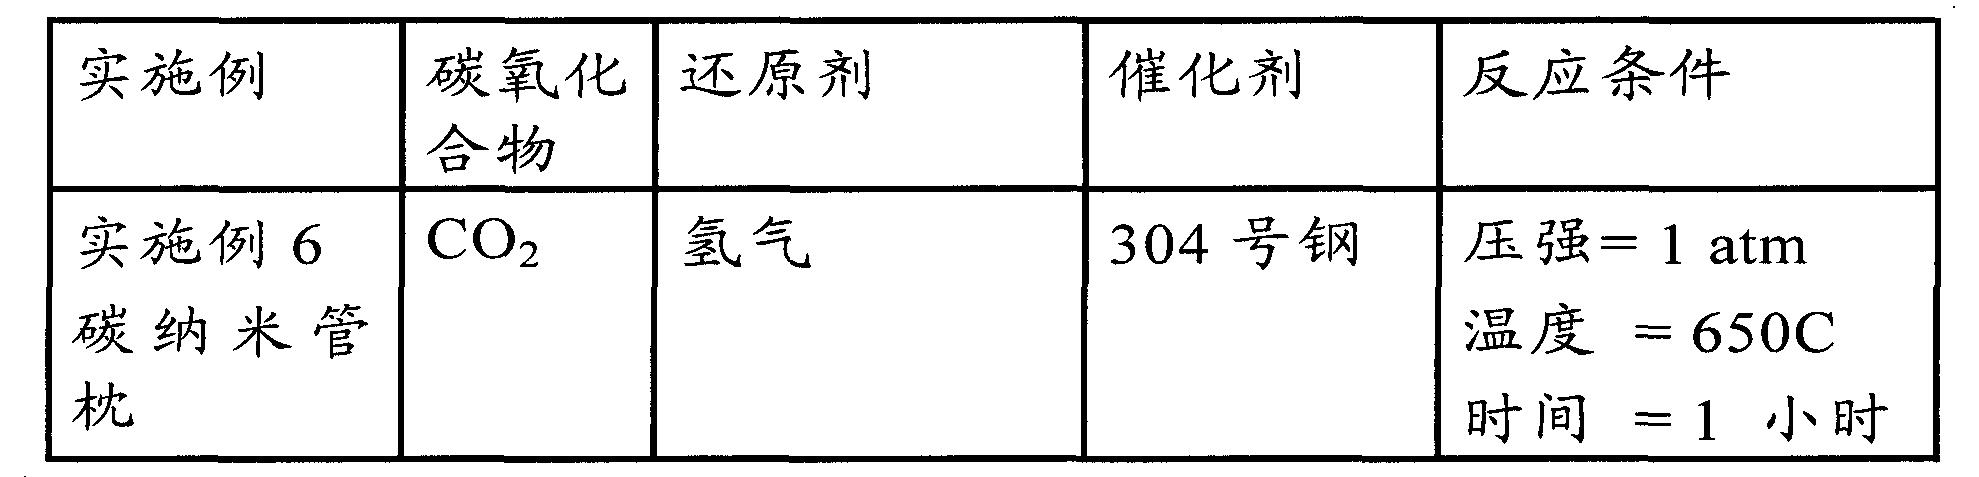 Figure CN102459727BD00261